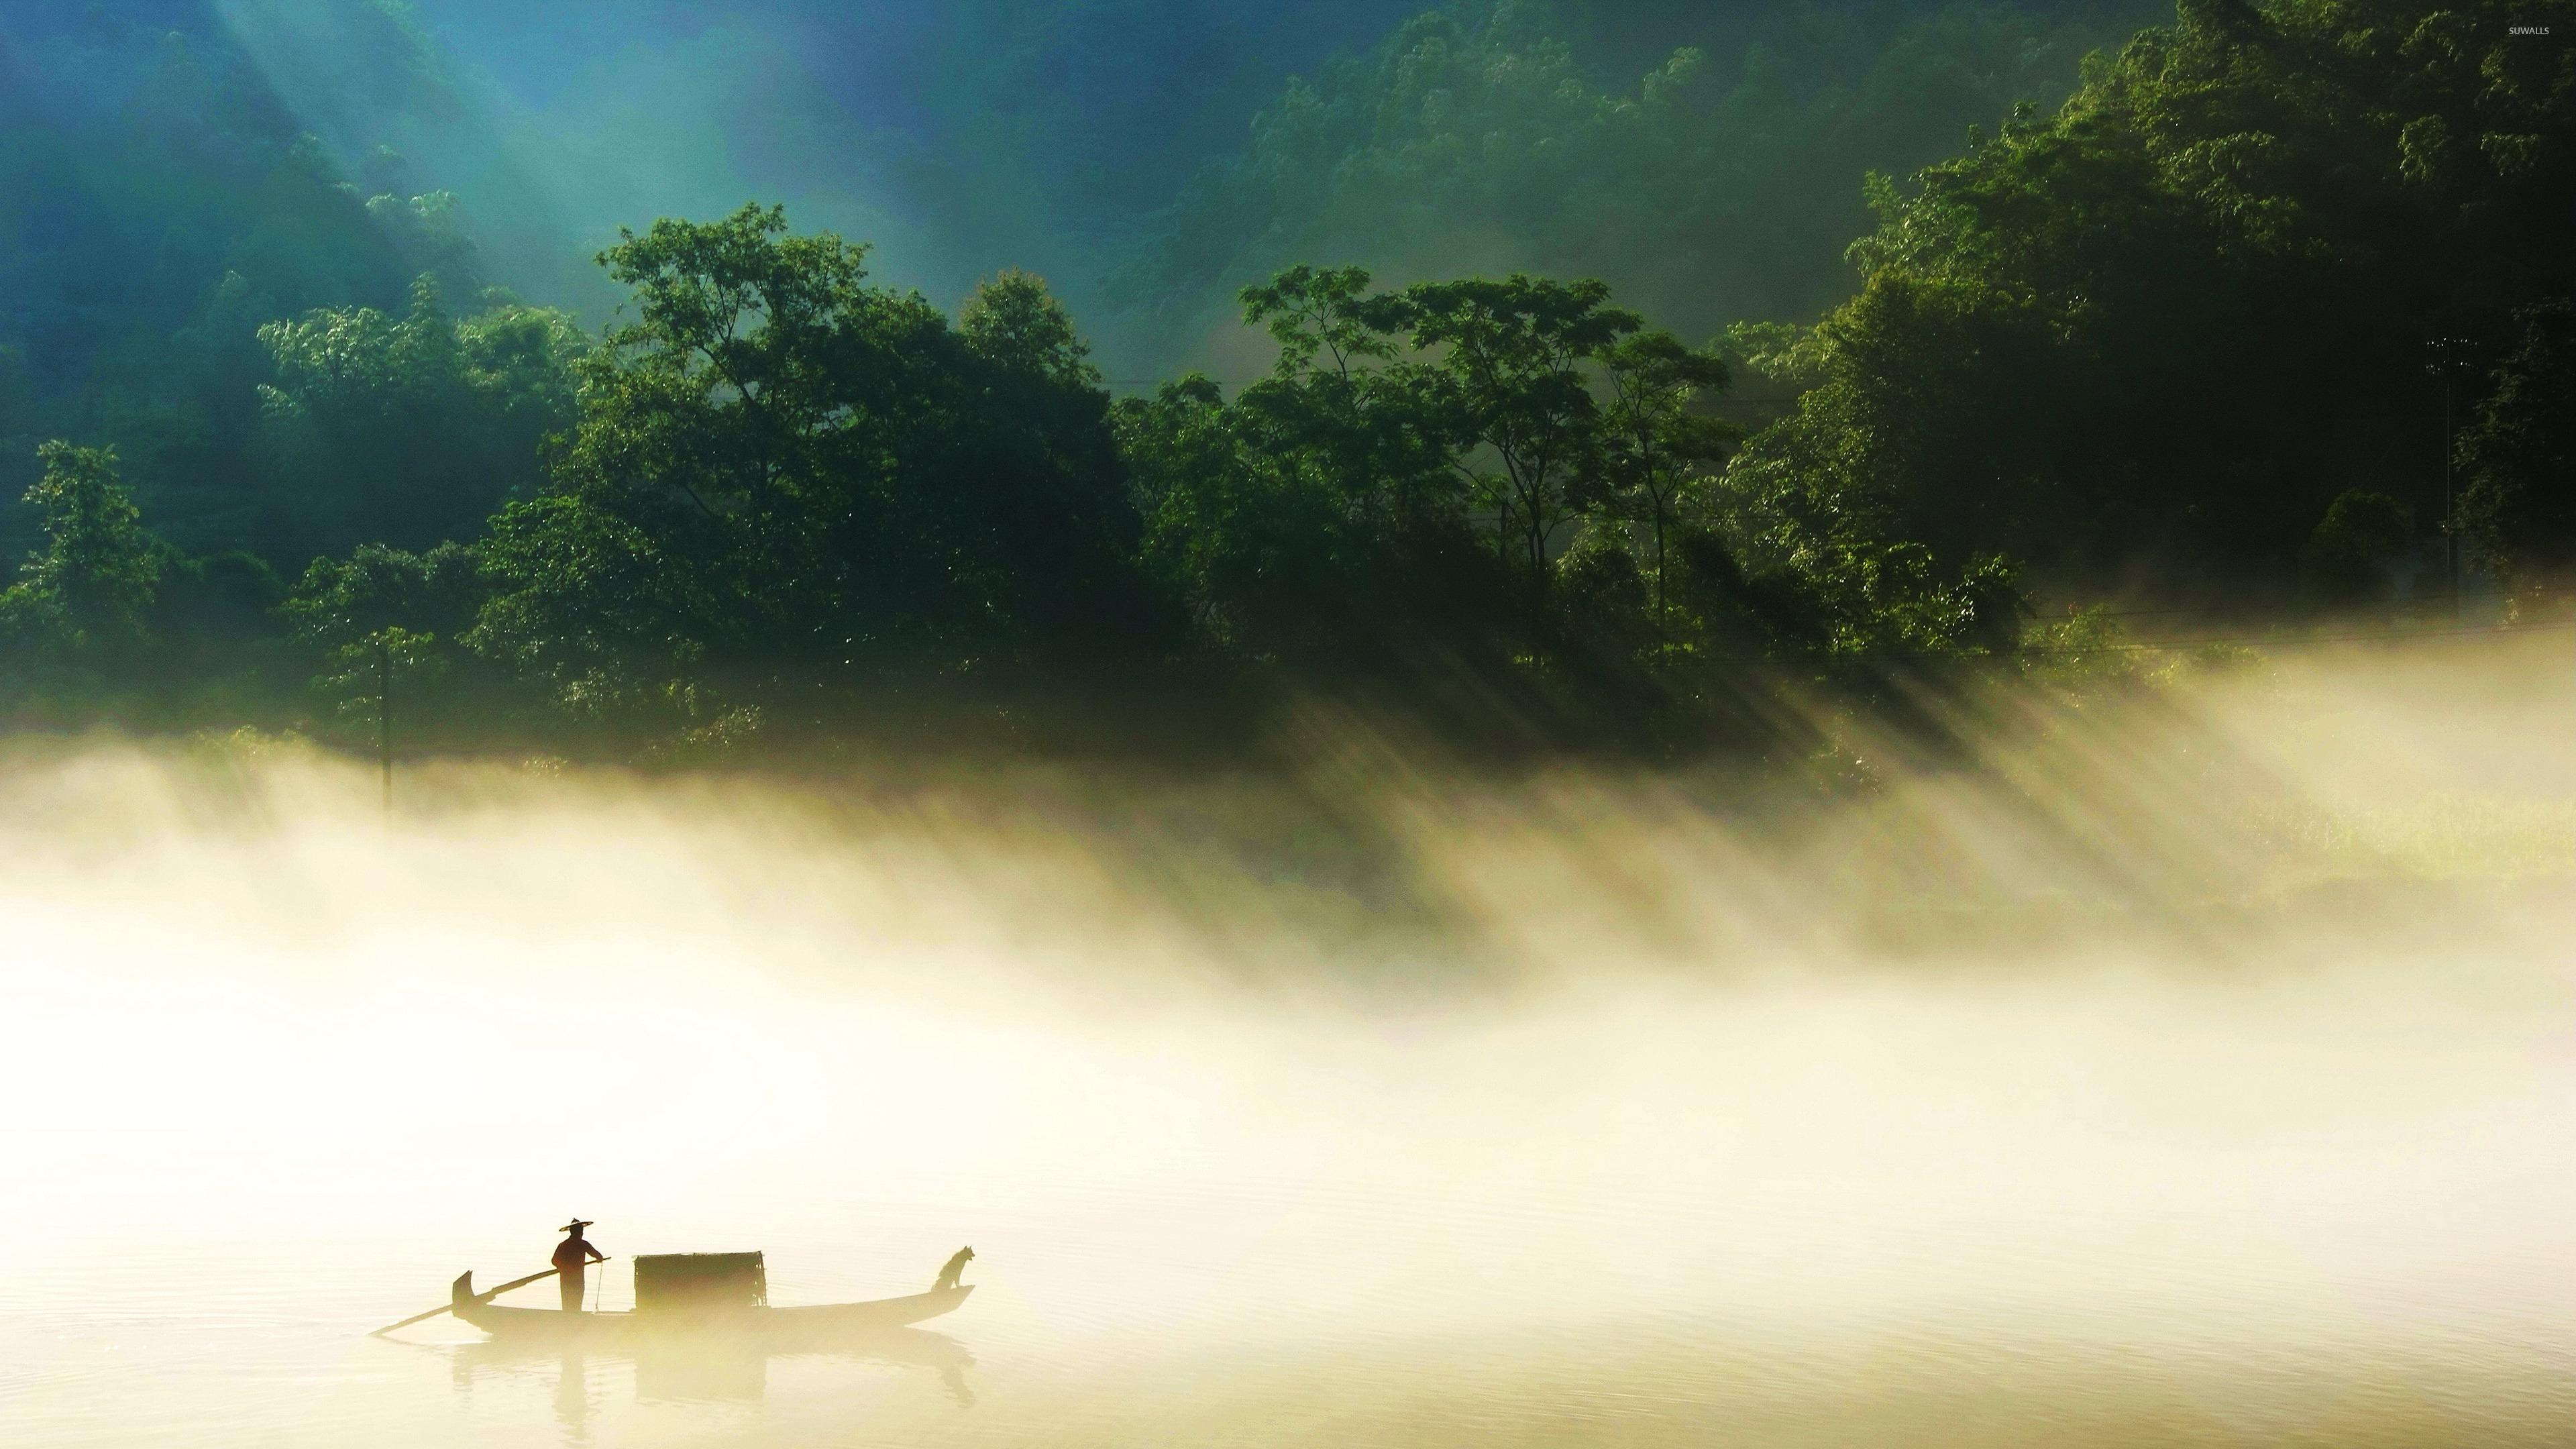 лодка озеро природа деревья трава на телефон